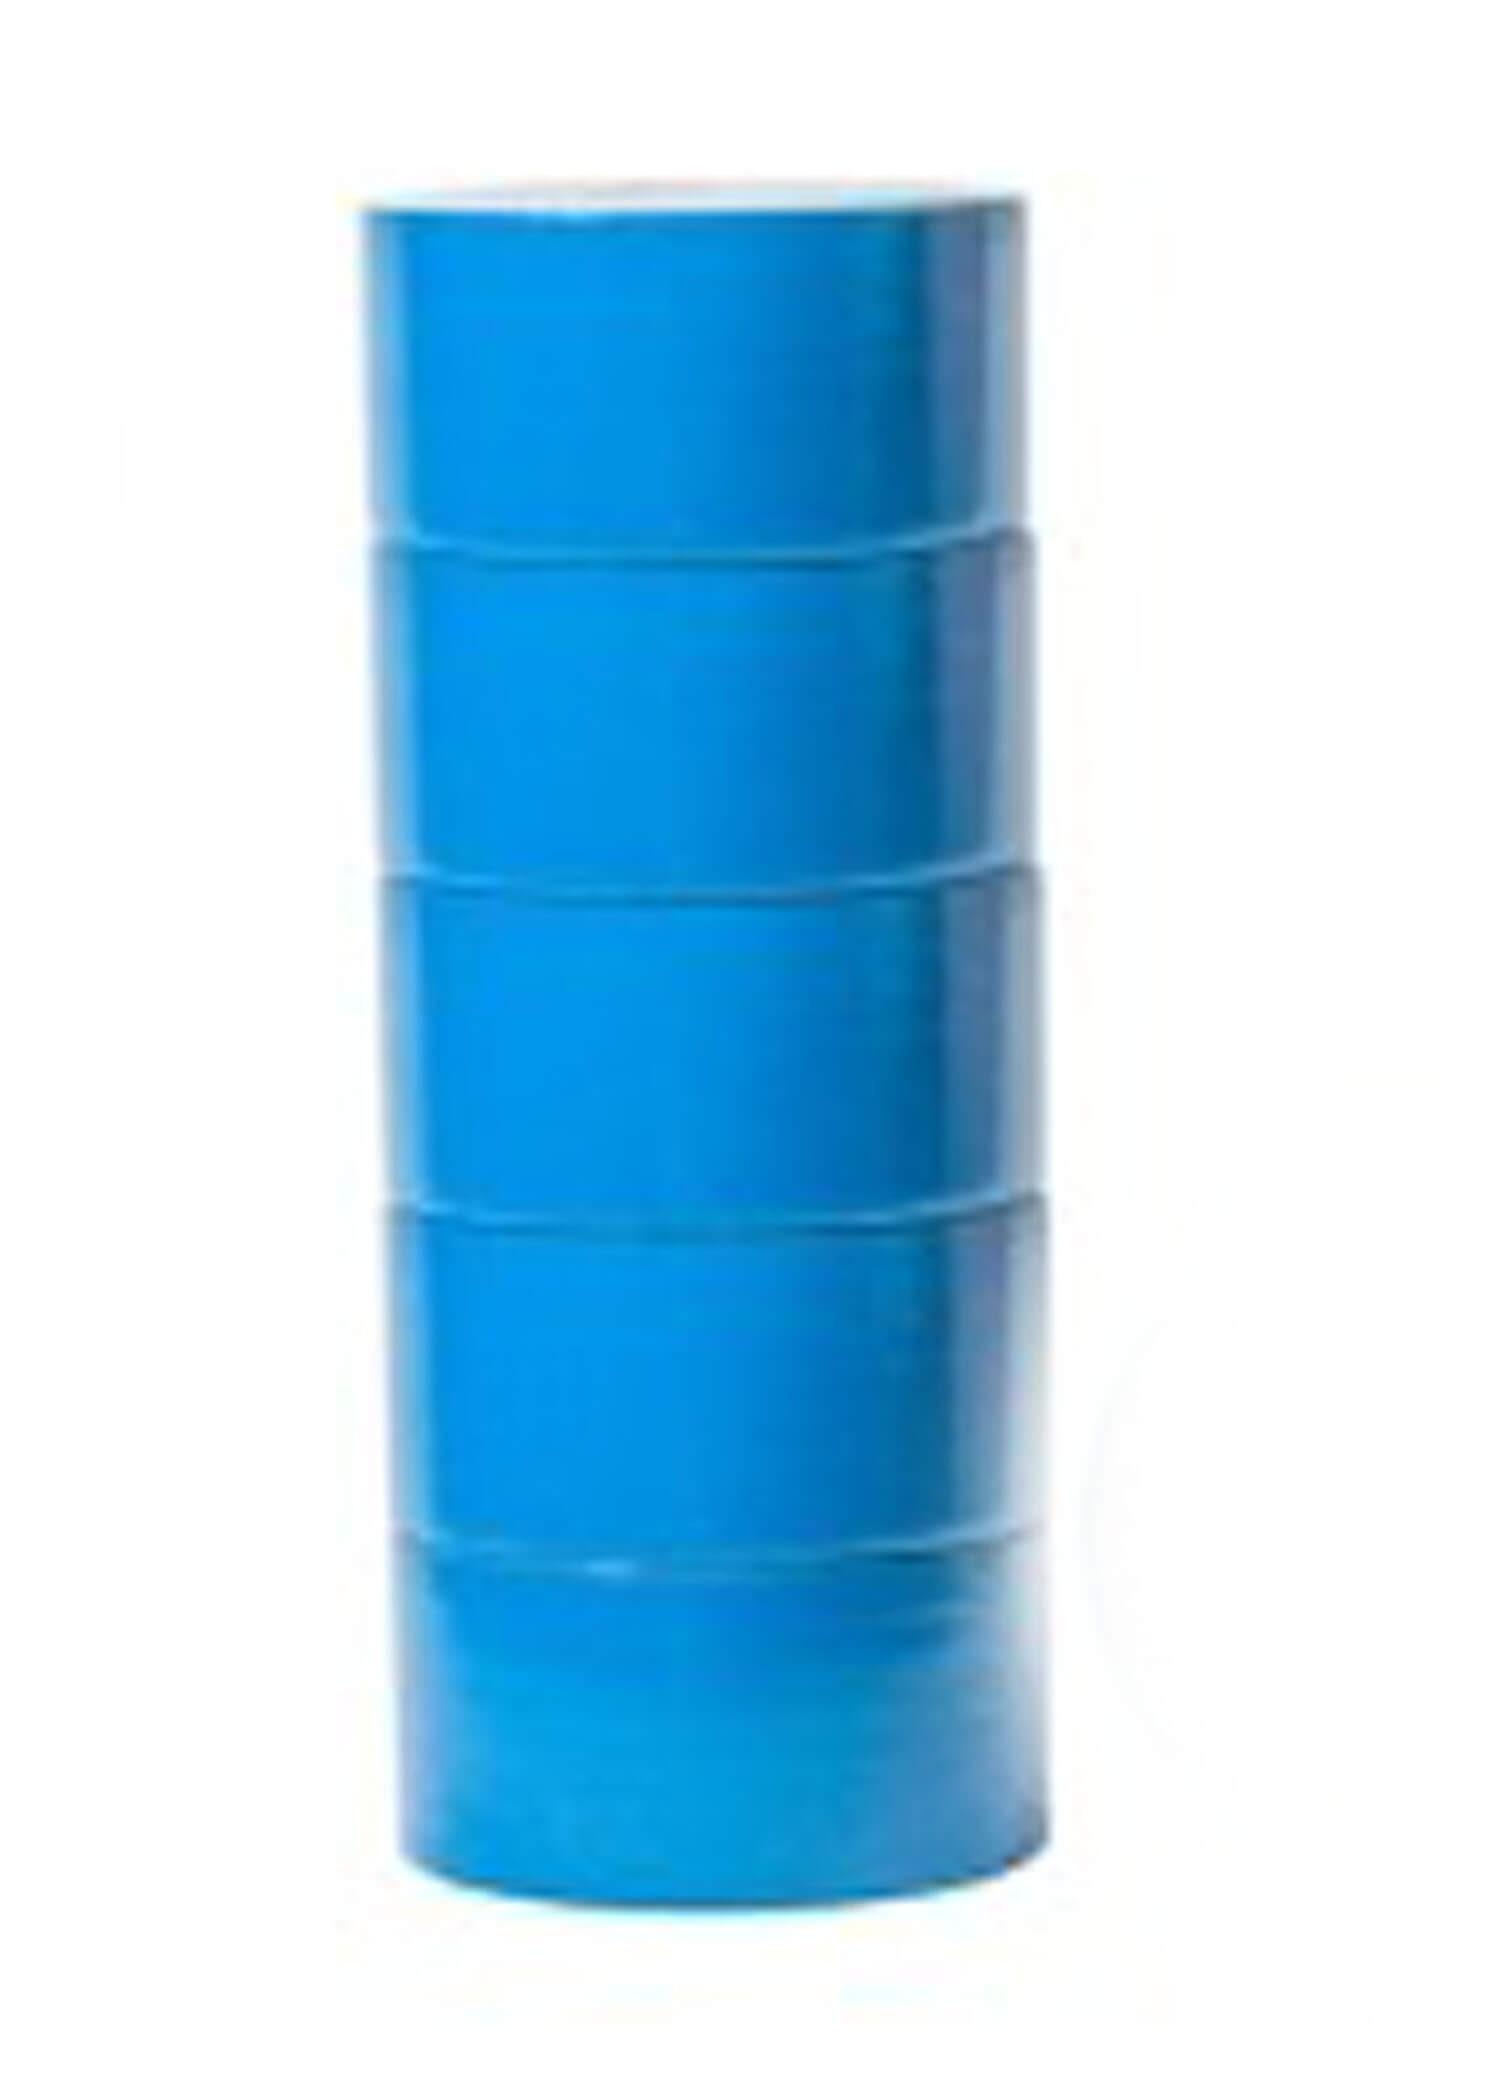 เทปผ้า LION สีฟ้า 48 มม.x 8 หลา